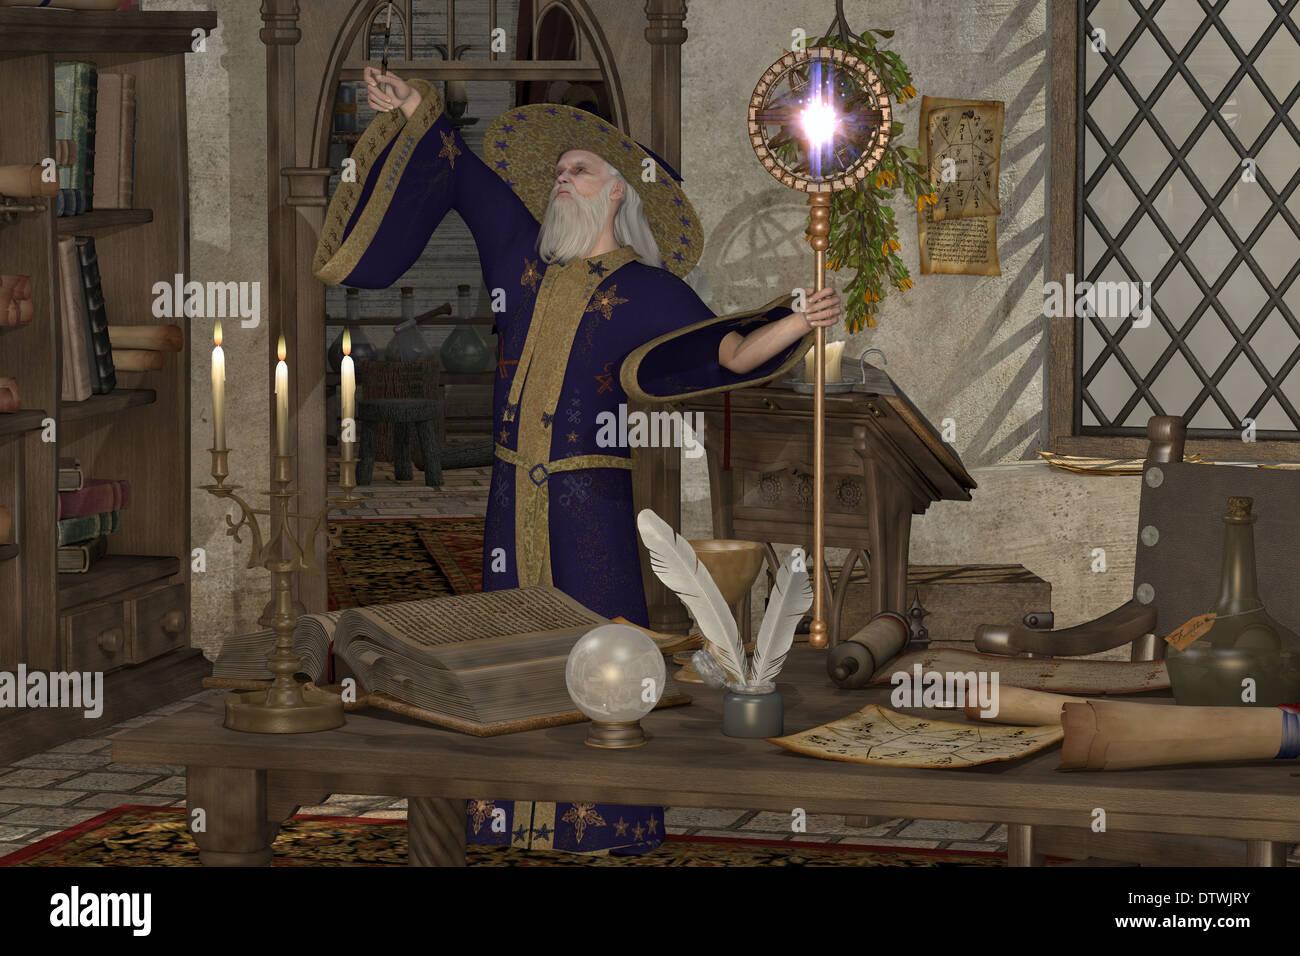 Una procedura guidata nella sua biblioteca lancia un incantesimo con la sua bacchetta magica e personale. Foto Stock